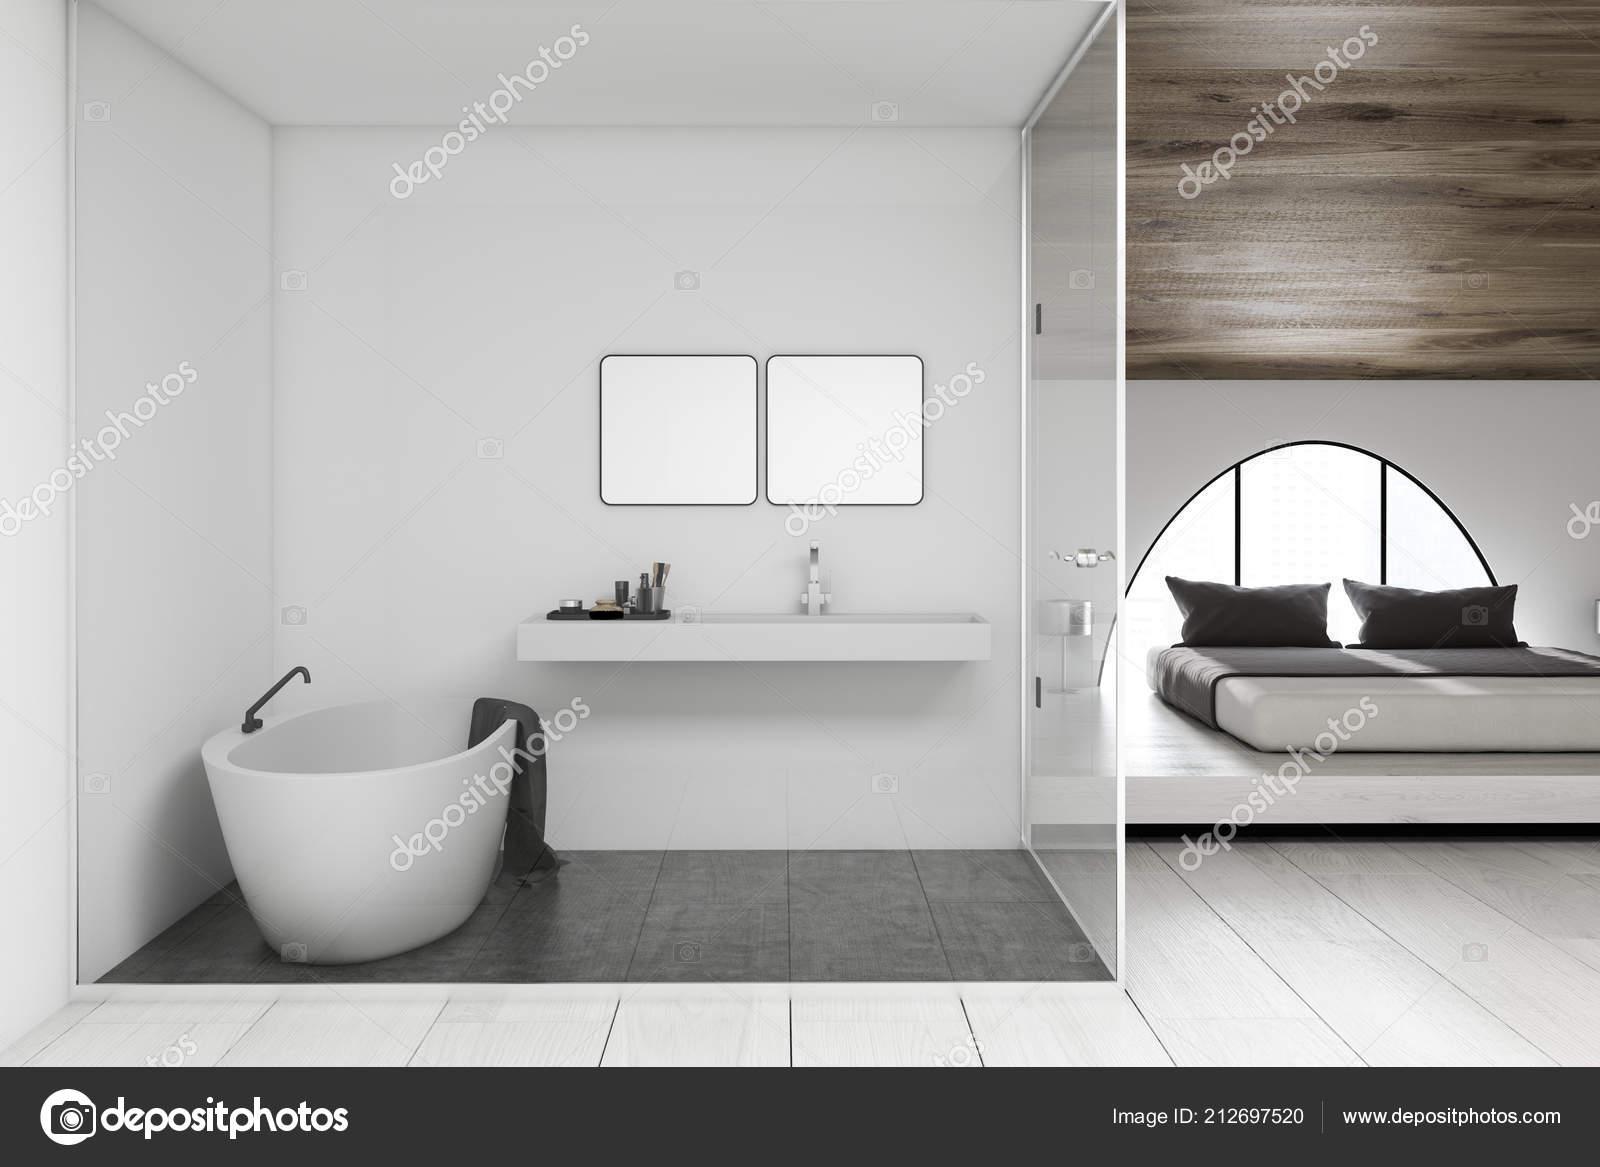 Interieur van moderne badkamer met wastafel met twee vierkante